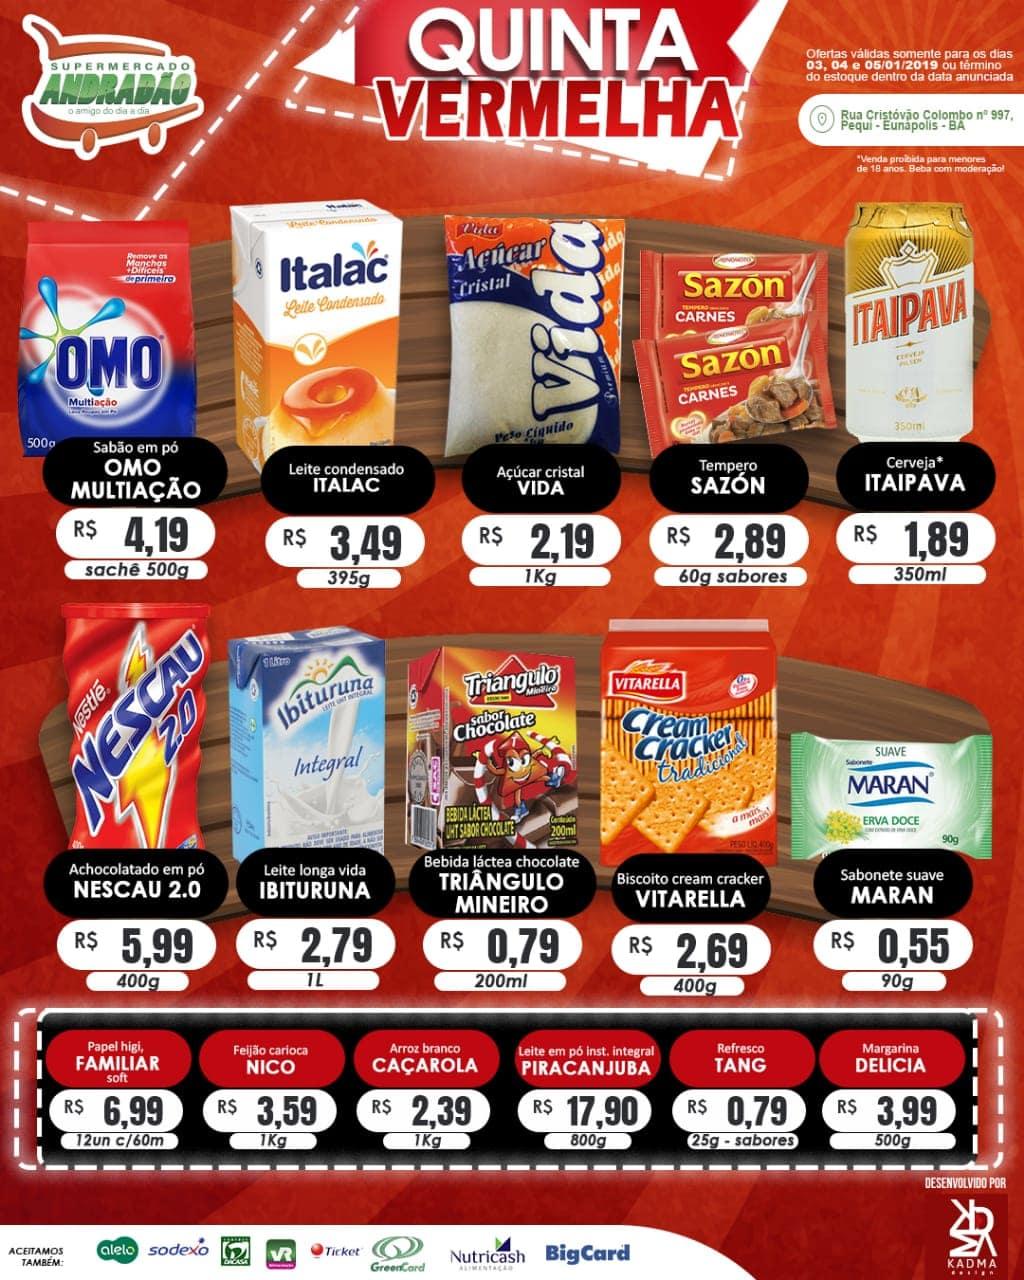 Promoção : Quinta Vermelha – Supermercado Andradão – Ofertas Válidas somente para os dias 03 A 05/01/19 2